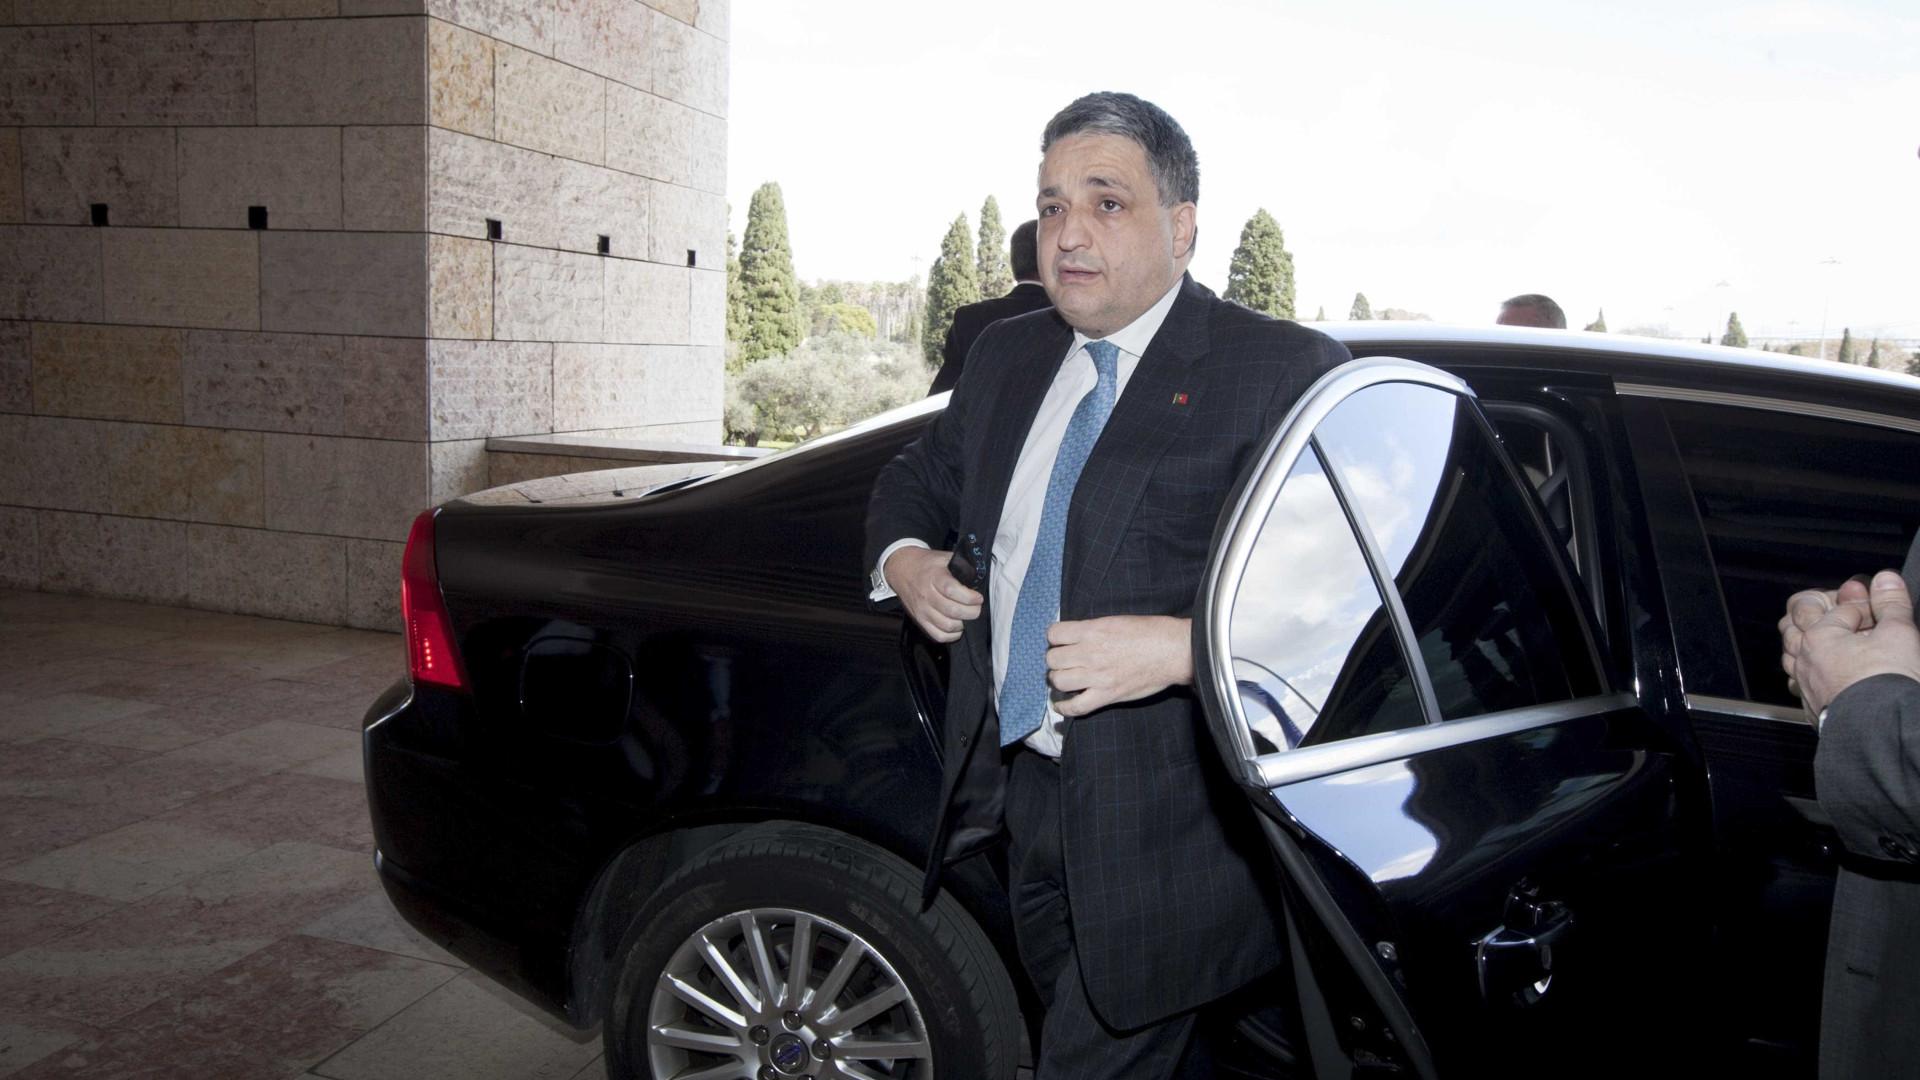 'Saúde' da CGD nas mãos do ex-ministro Paulo Macedo